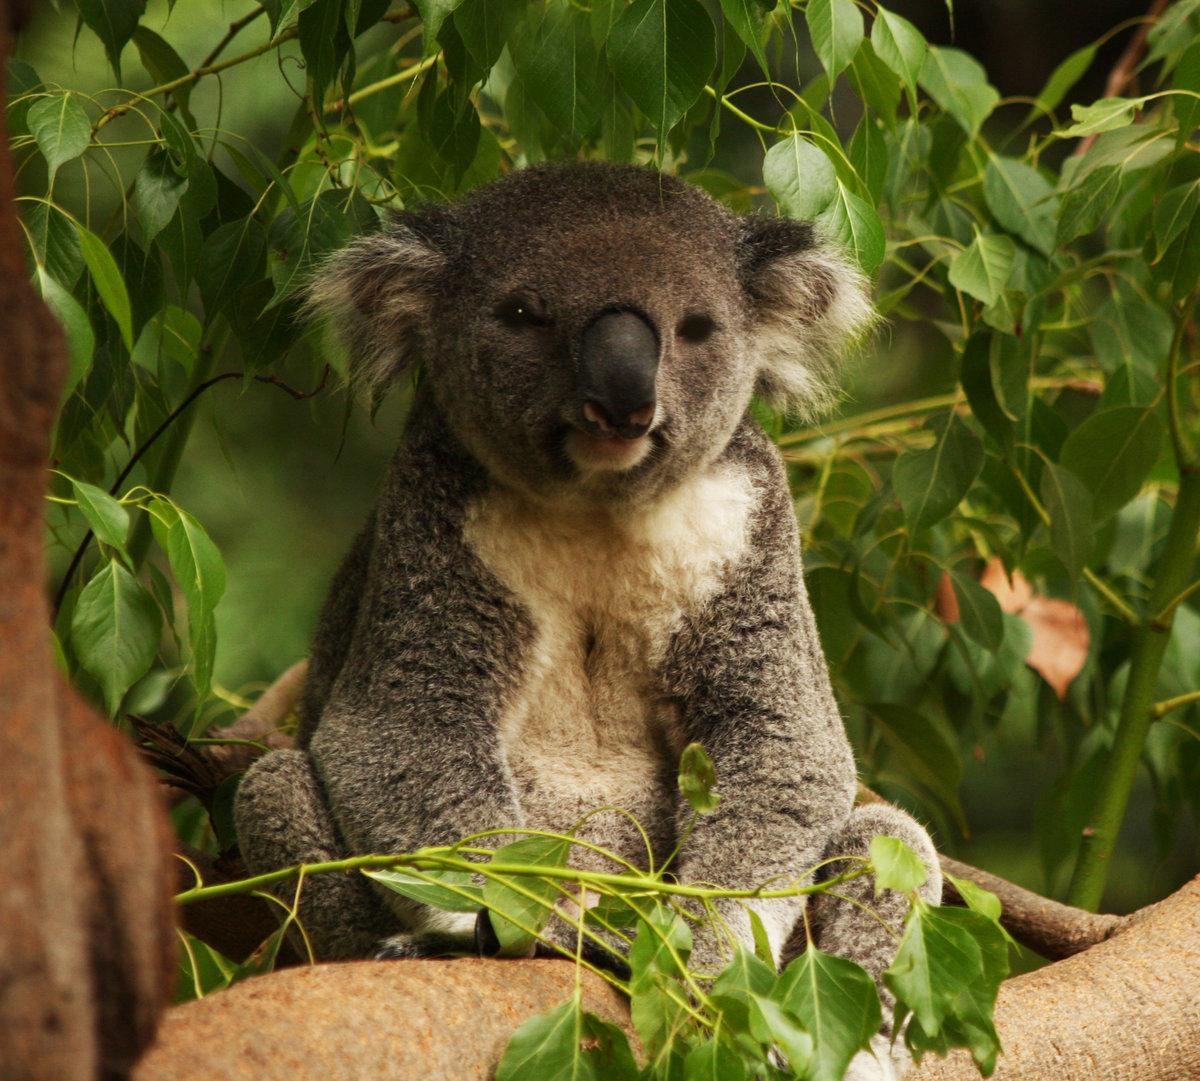 Смешные, смешная картинка коала